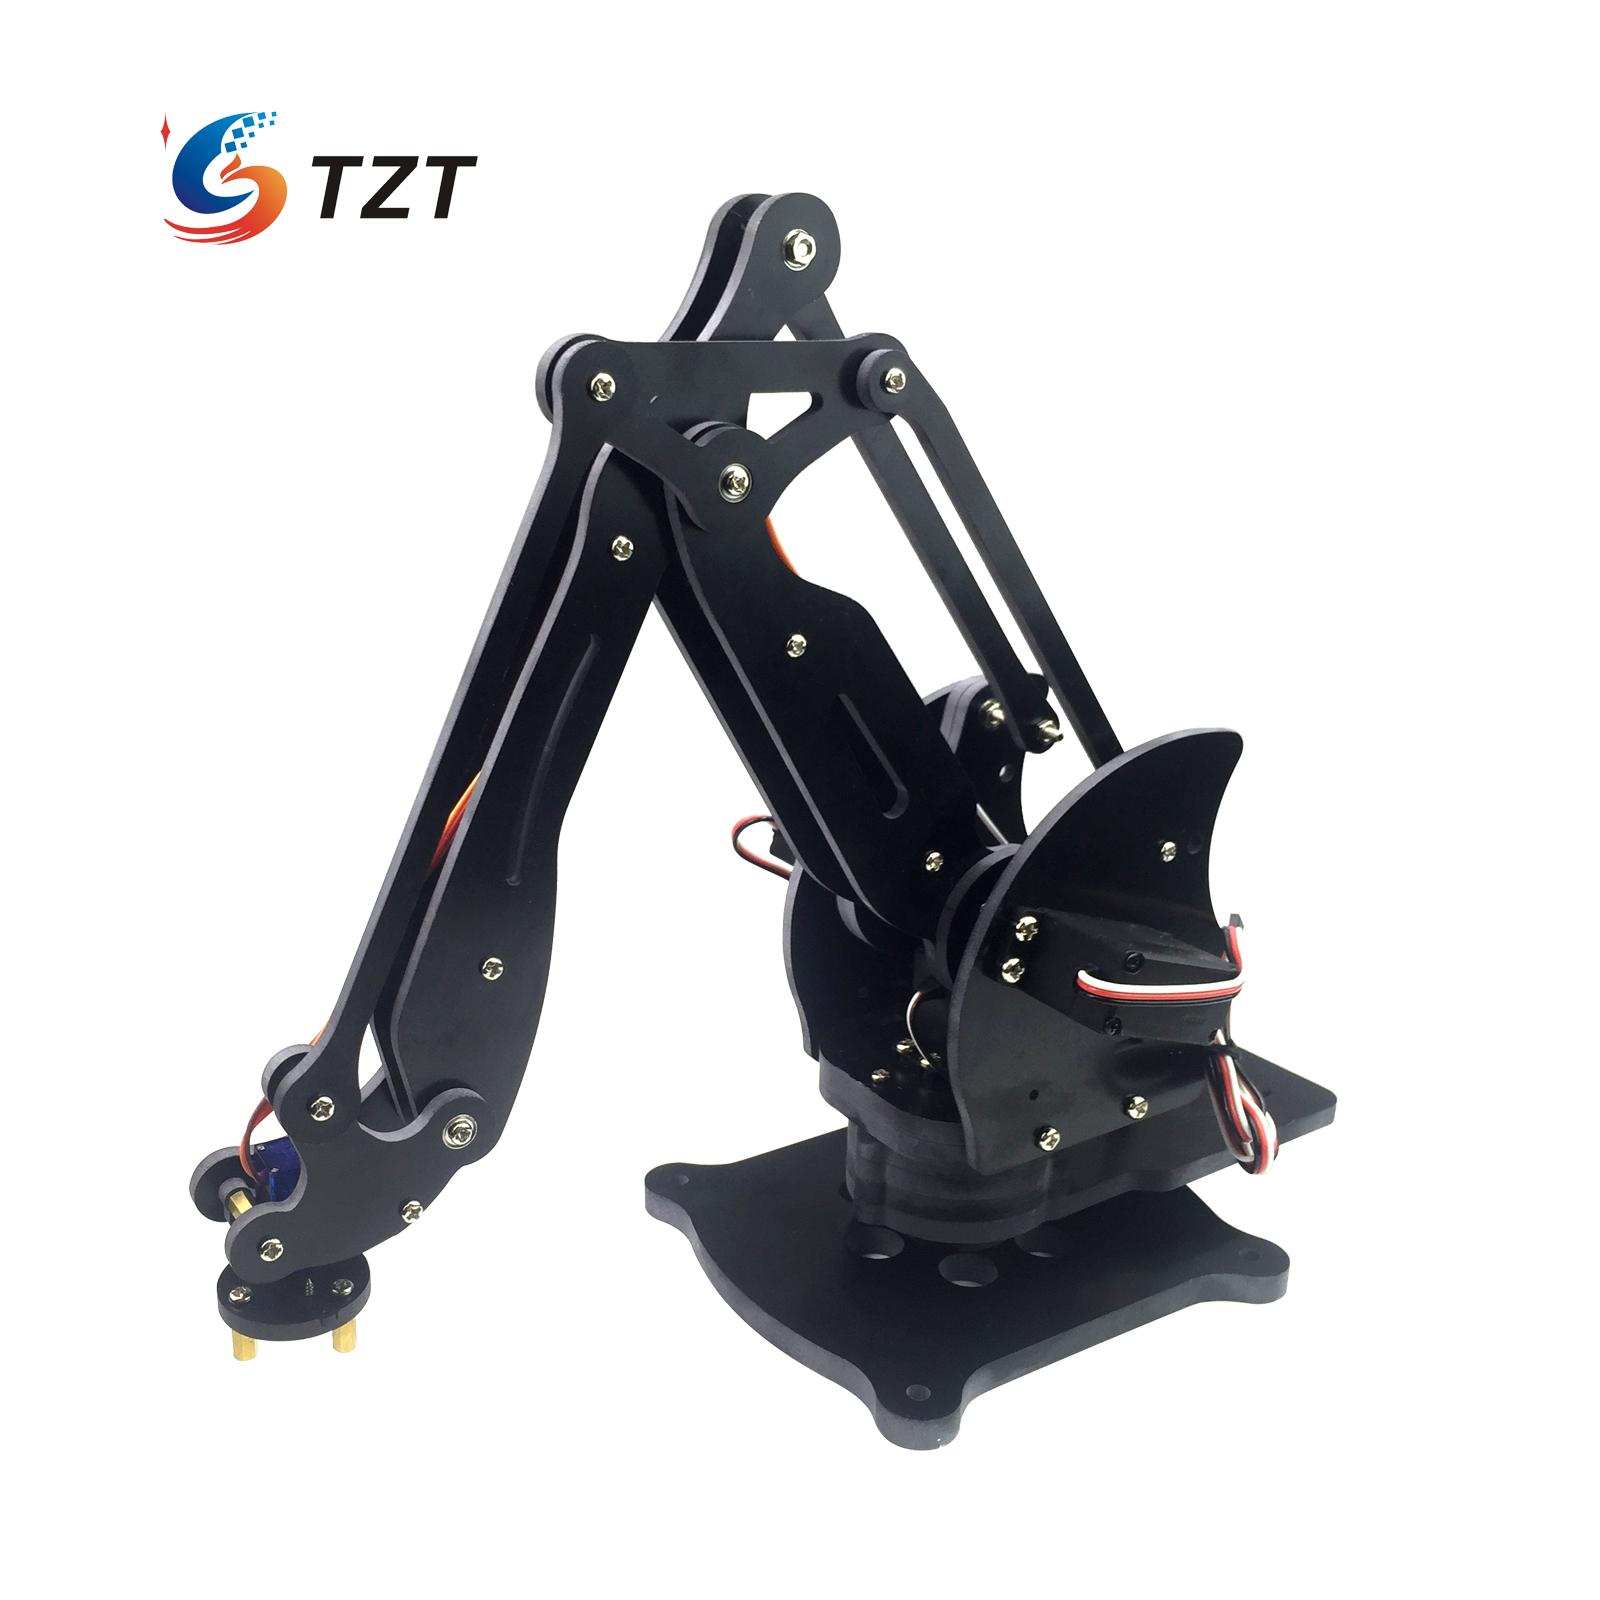 Assemblé 4DOF Mécanique Robot Arm Clamp Griffe Manipulateur Bras avec Servos PVC, CNC Traitement pour Arduino DIY